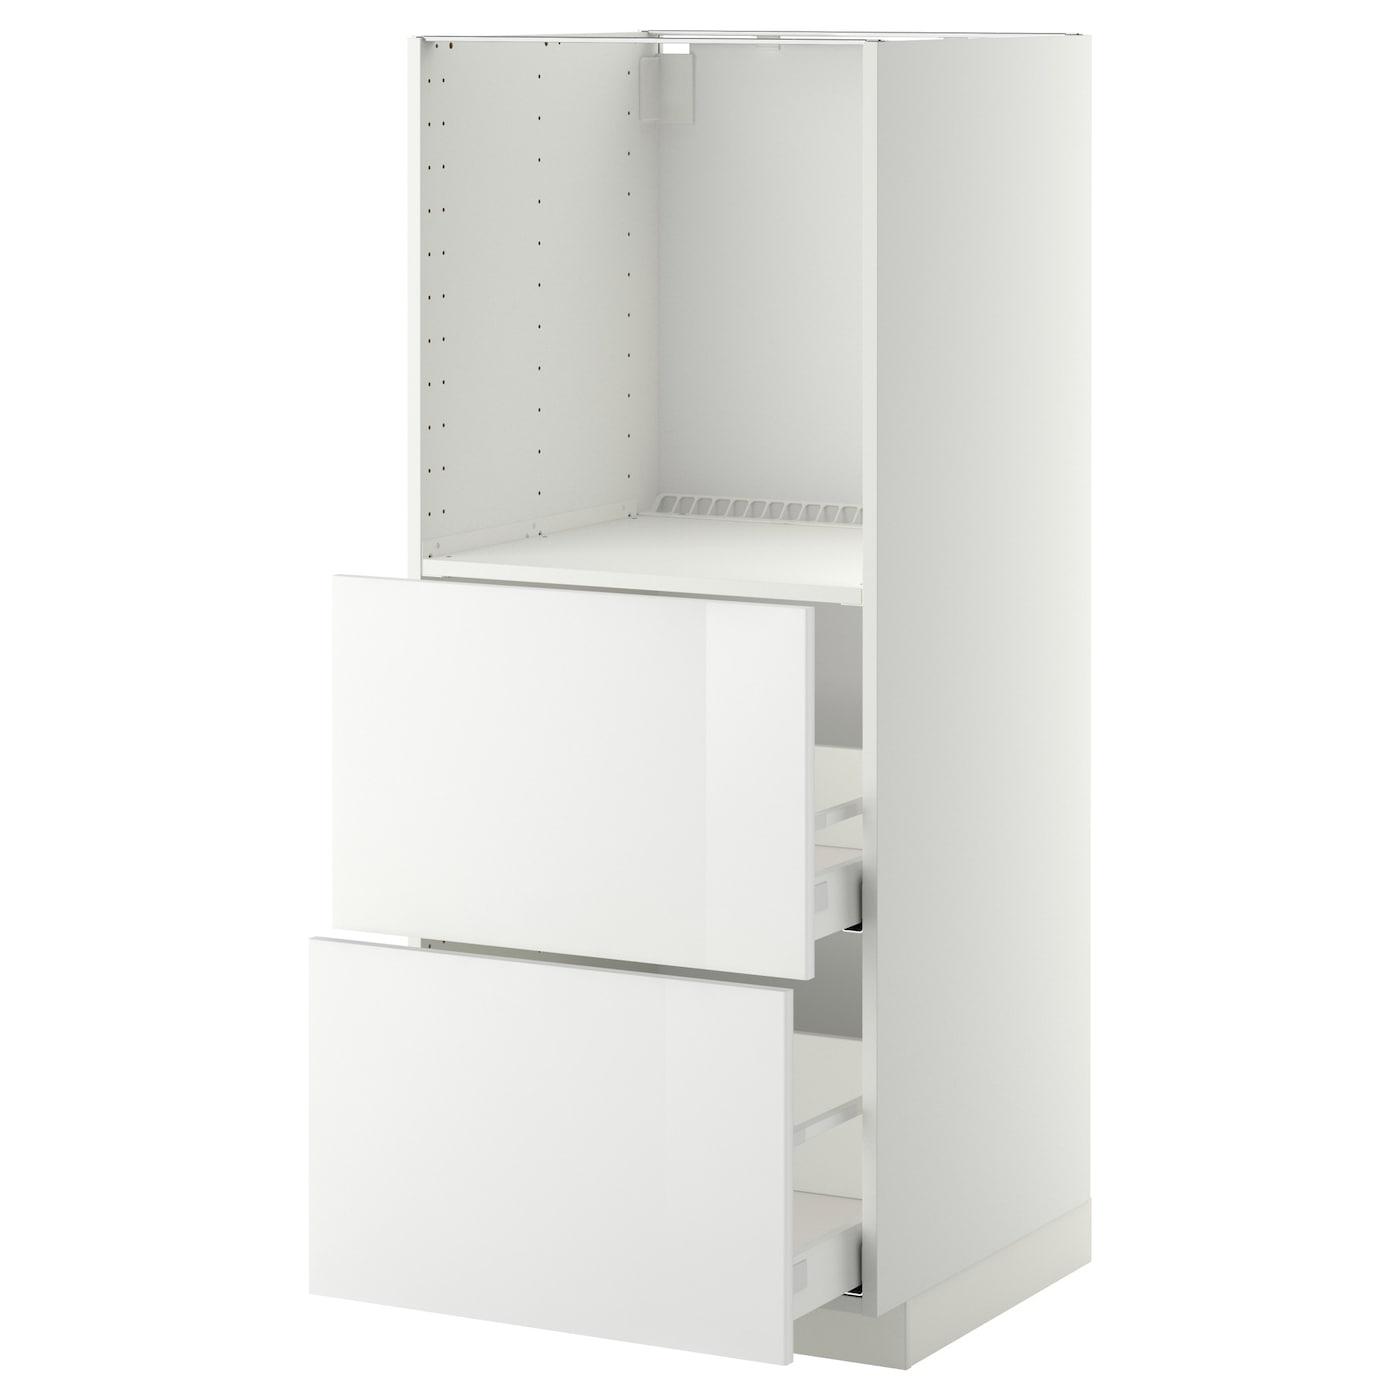 Full Size of Ringhult Ikea Betten 160x200 Miniküche Küche Kaufen Sofa Mit Schlaffunktion Modulküche Kosten Bei Wohnzimmer Ringhult Ikea